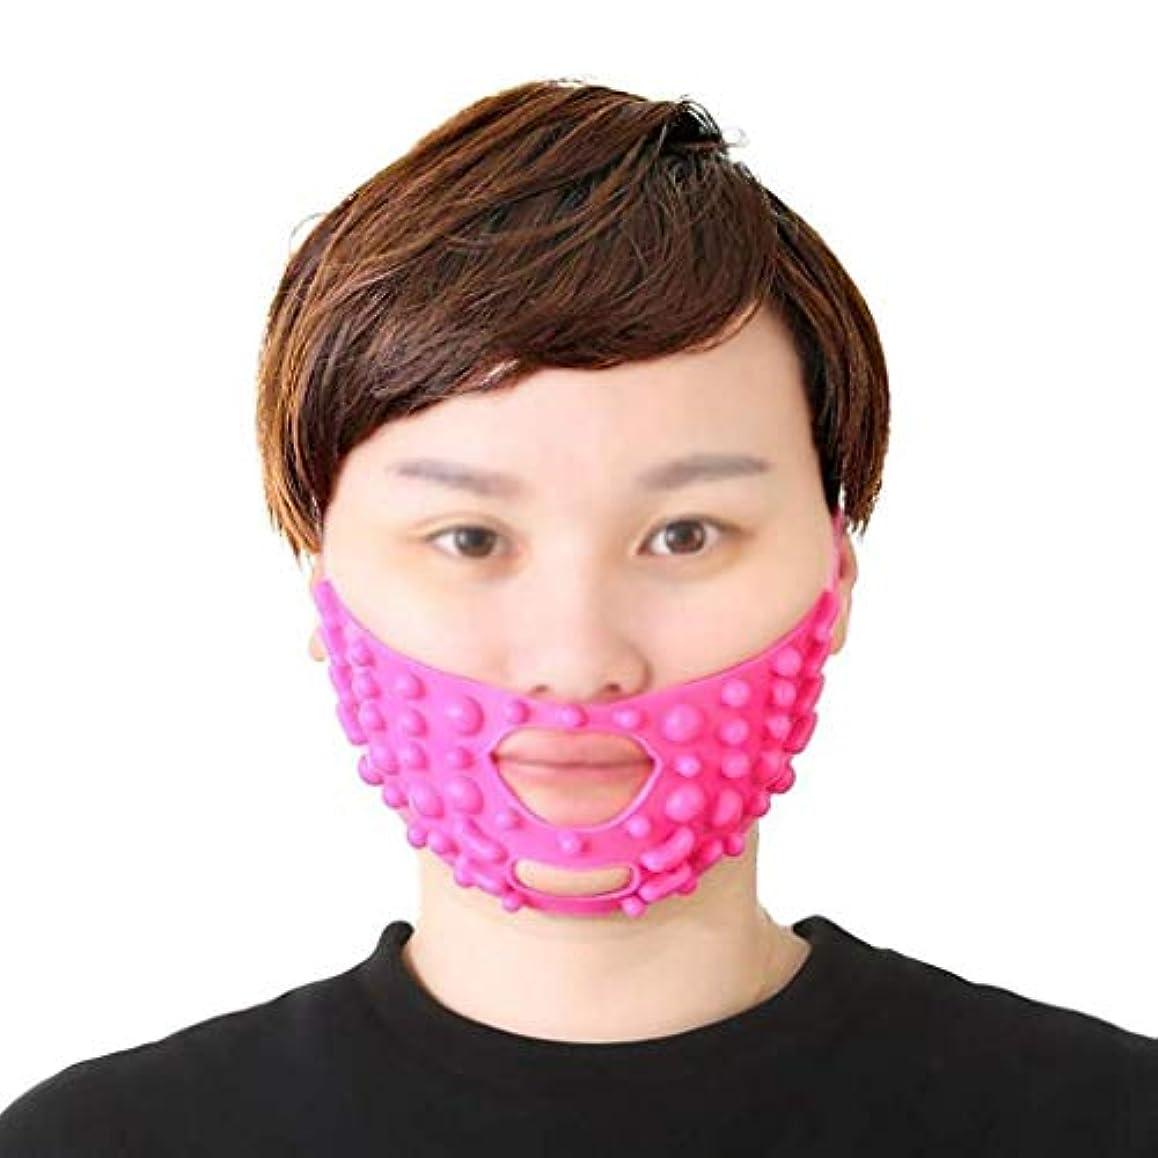 取り出すパースブラックボロウ優遇フェイスリフトマスク、チンストラップシリコーンVフェイスマスクフェイスマスク強力な包帯V顔アーティファクトスモールV顔包帯顔と首リフトピンクシリコーン包帯